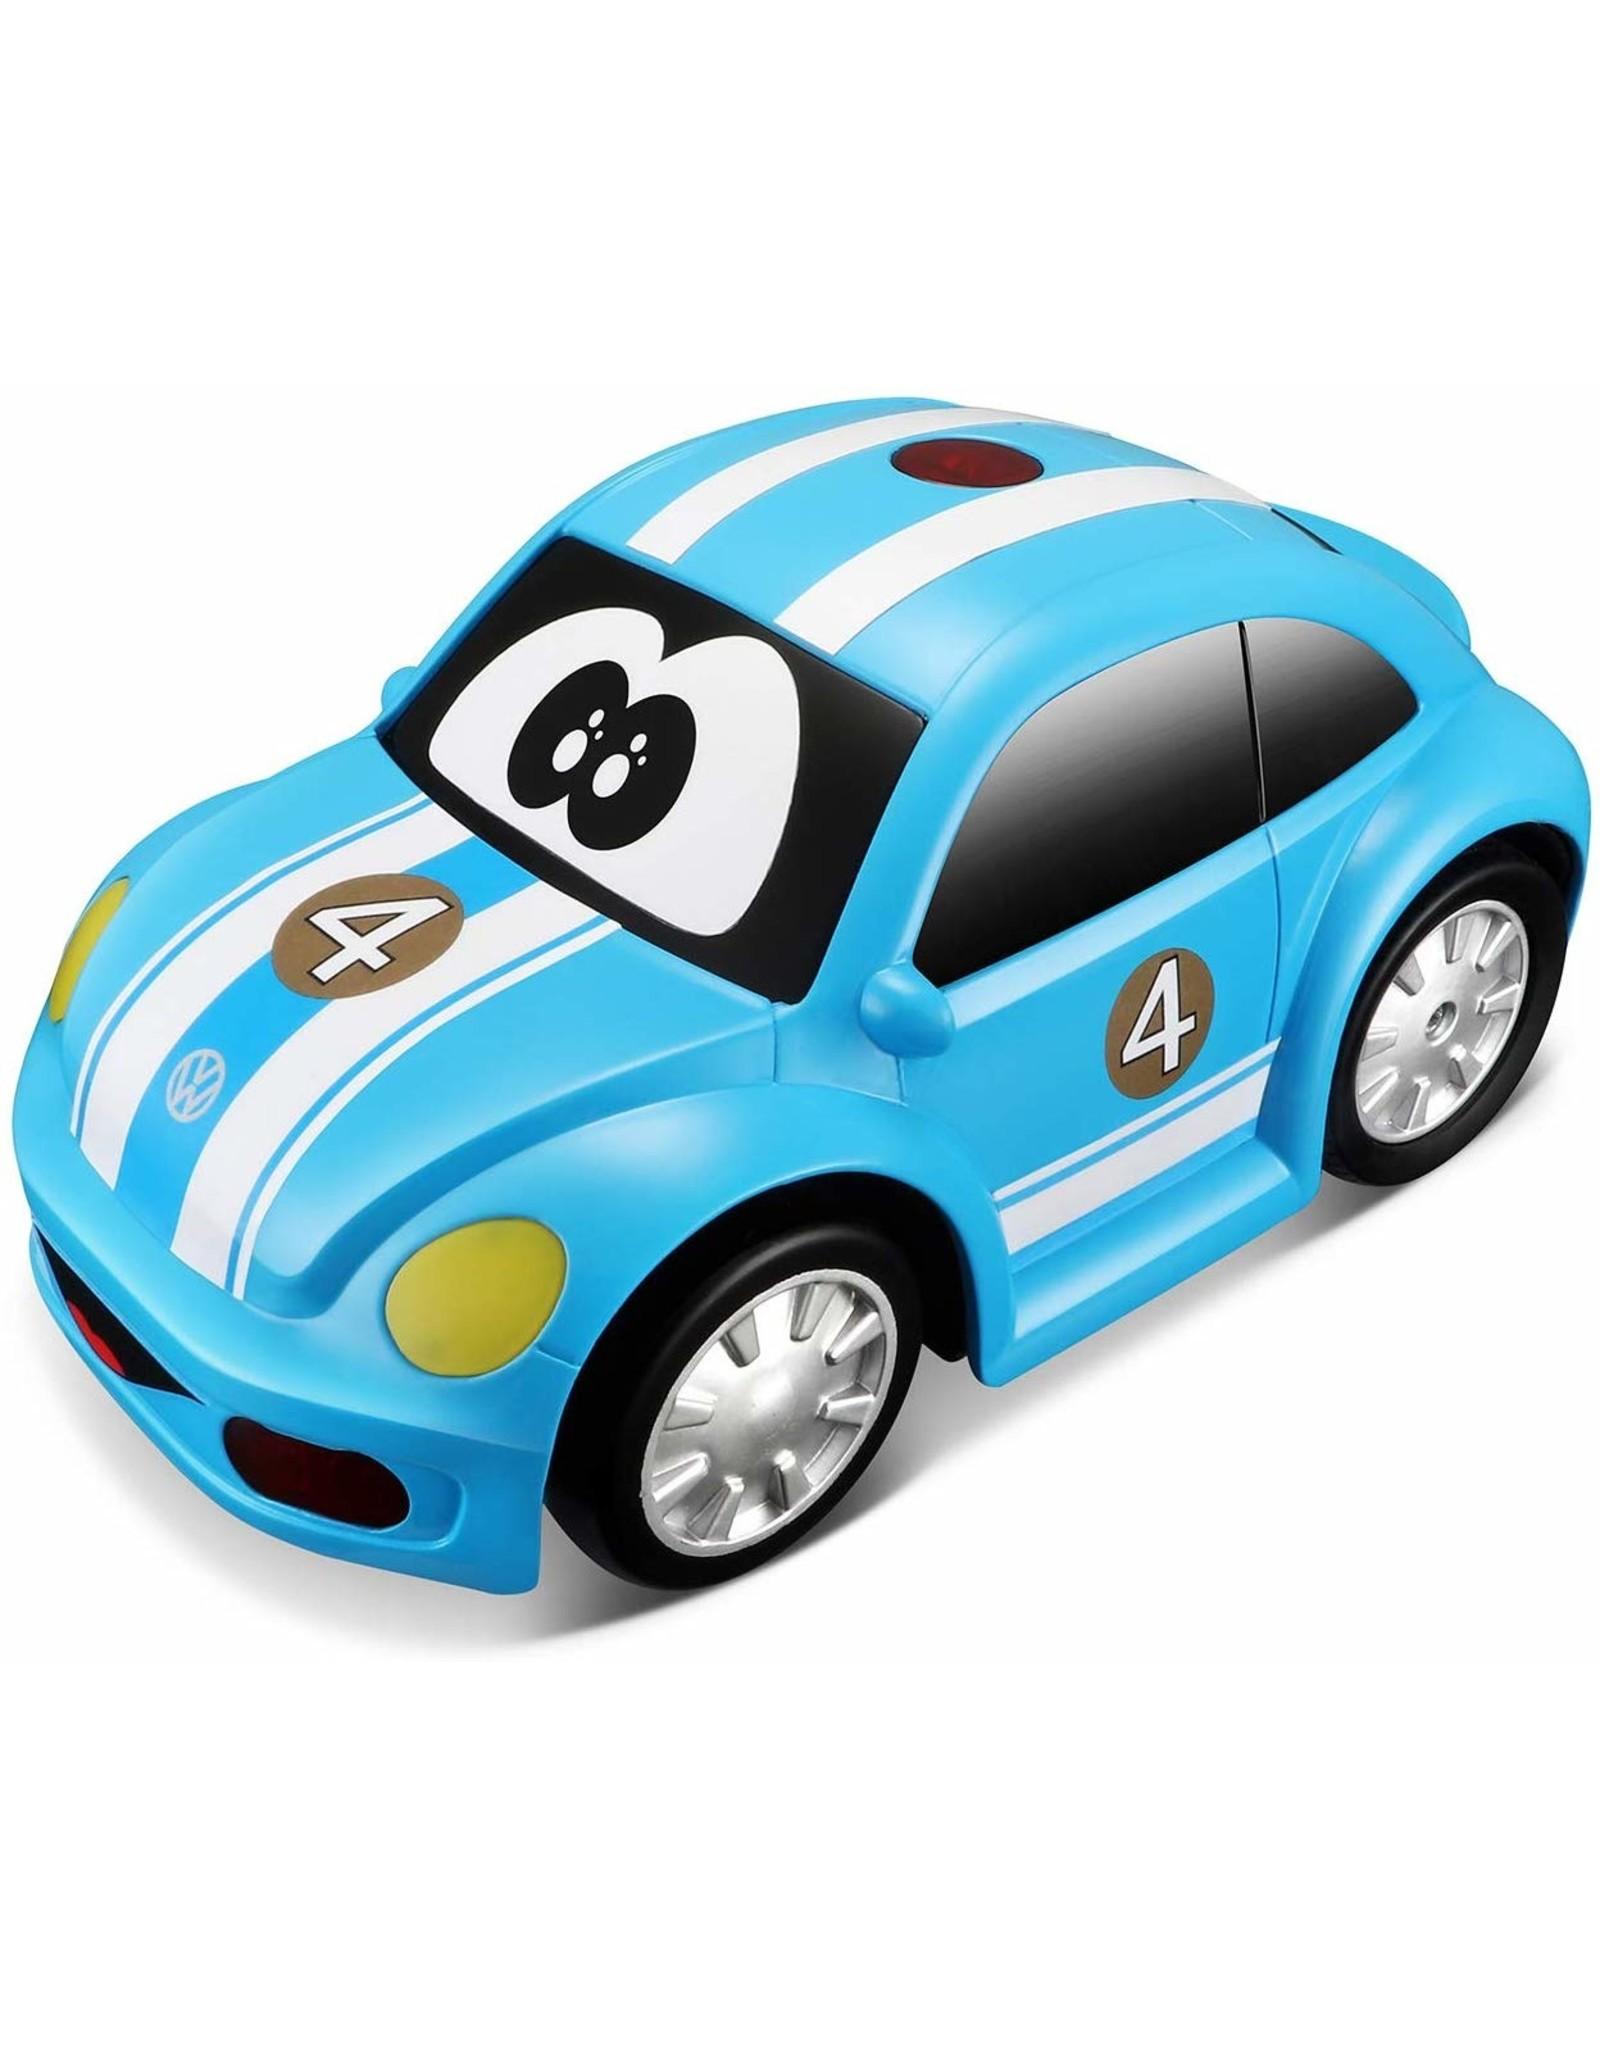 BB Junior BB Junior RC Kever Blauw 16-92007